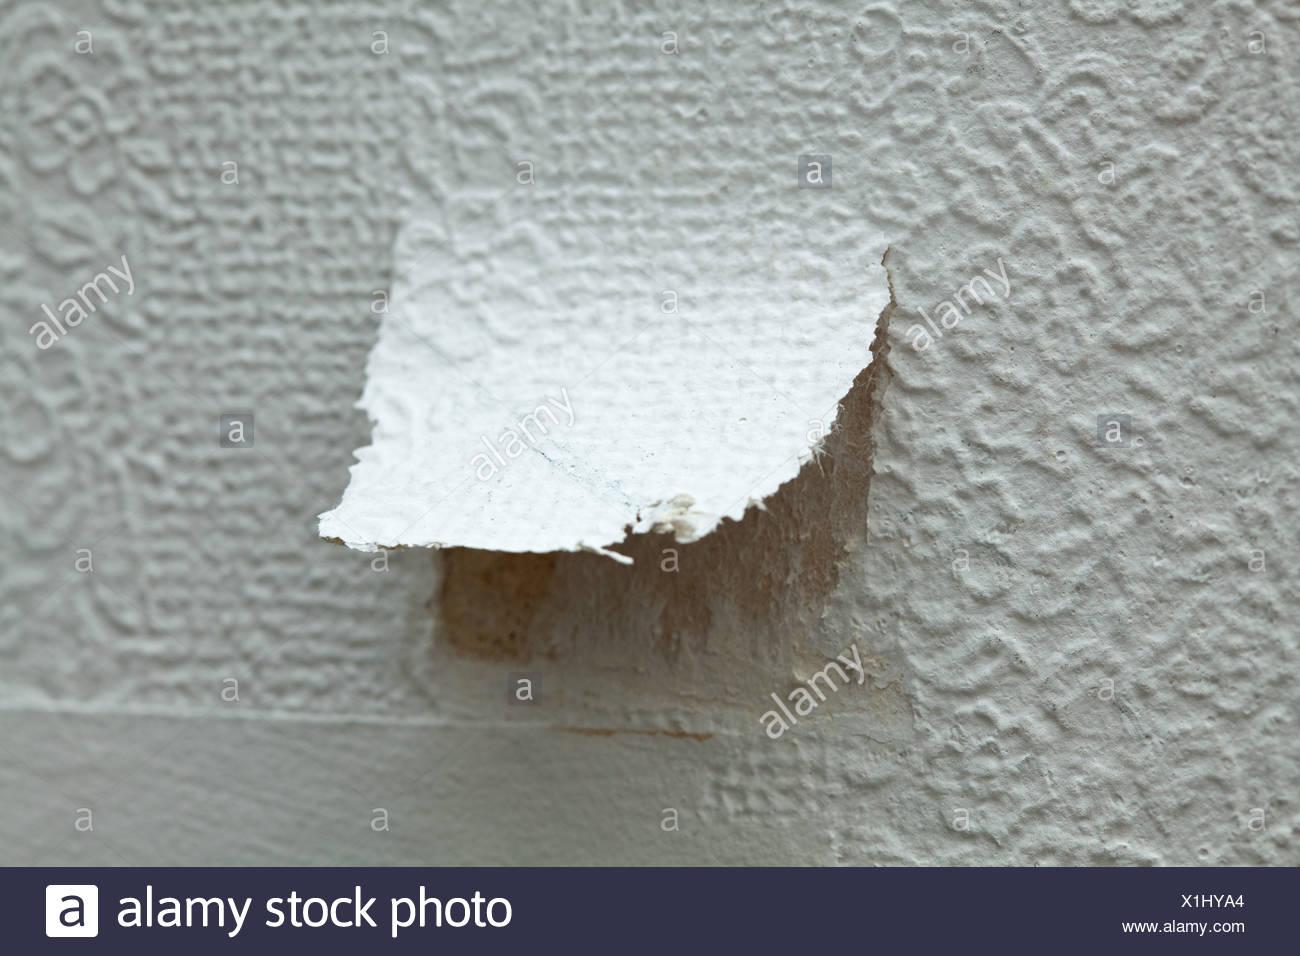 Torn wallpaper - Stock Image